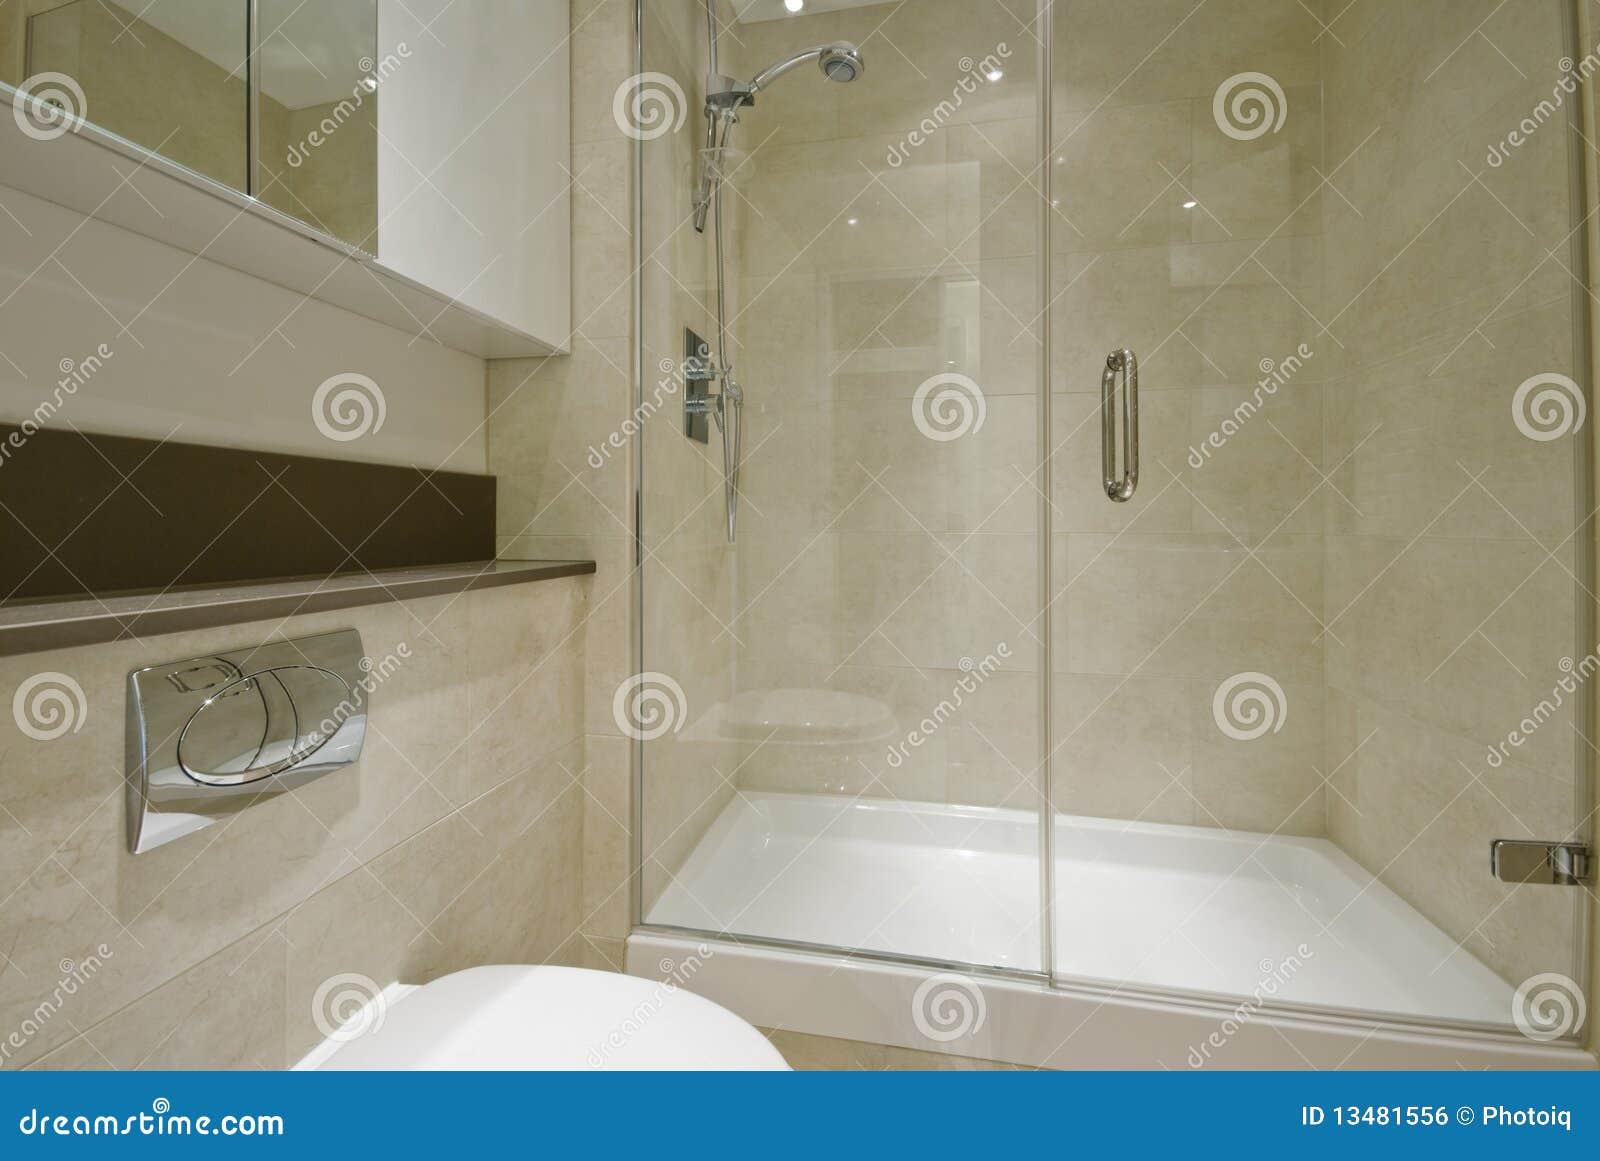 De badkamers van de Engels-reeks